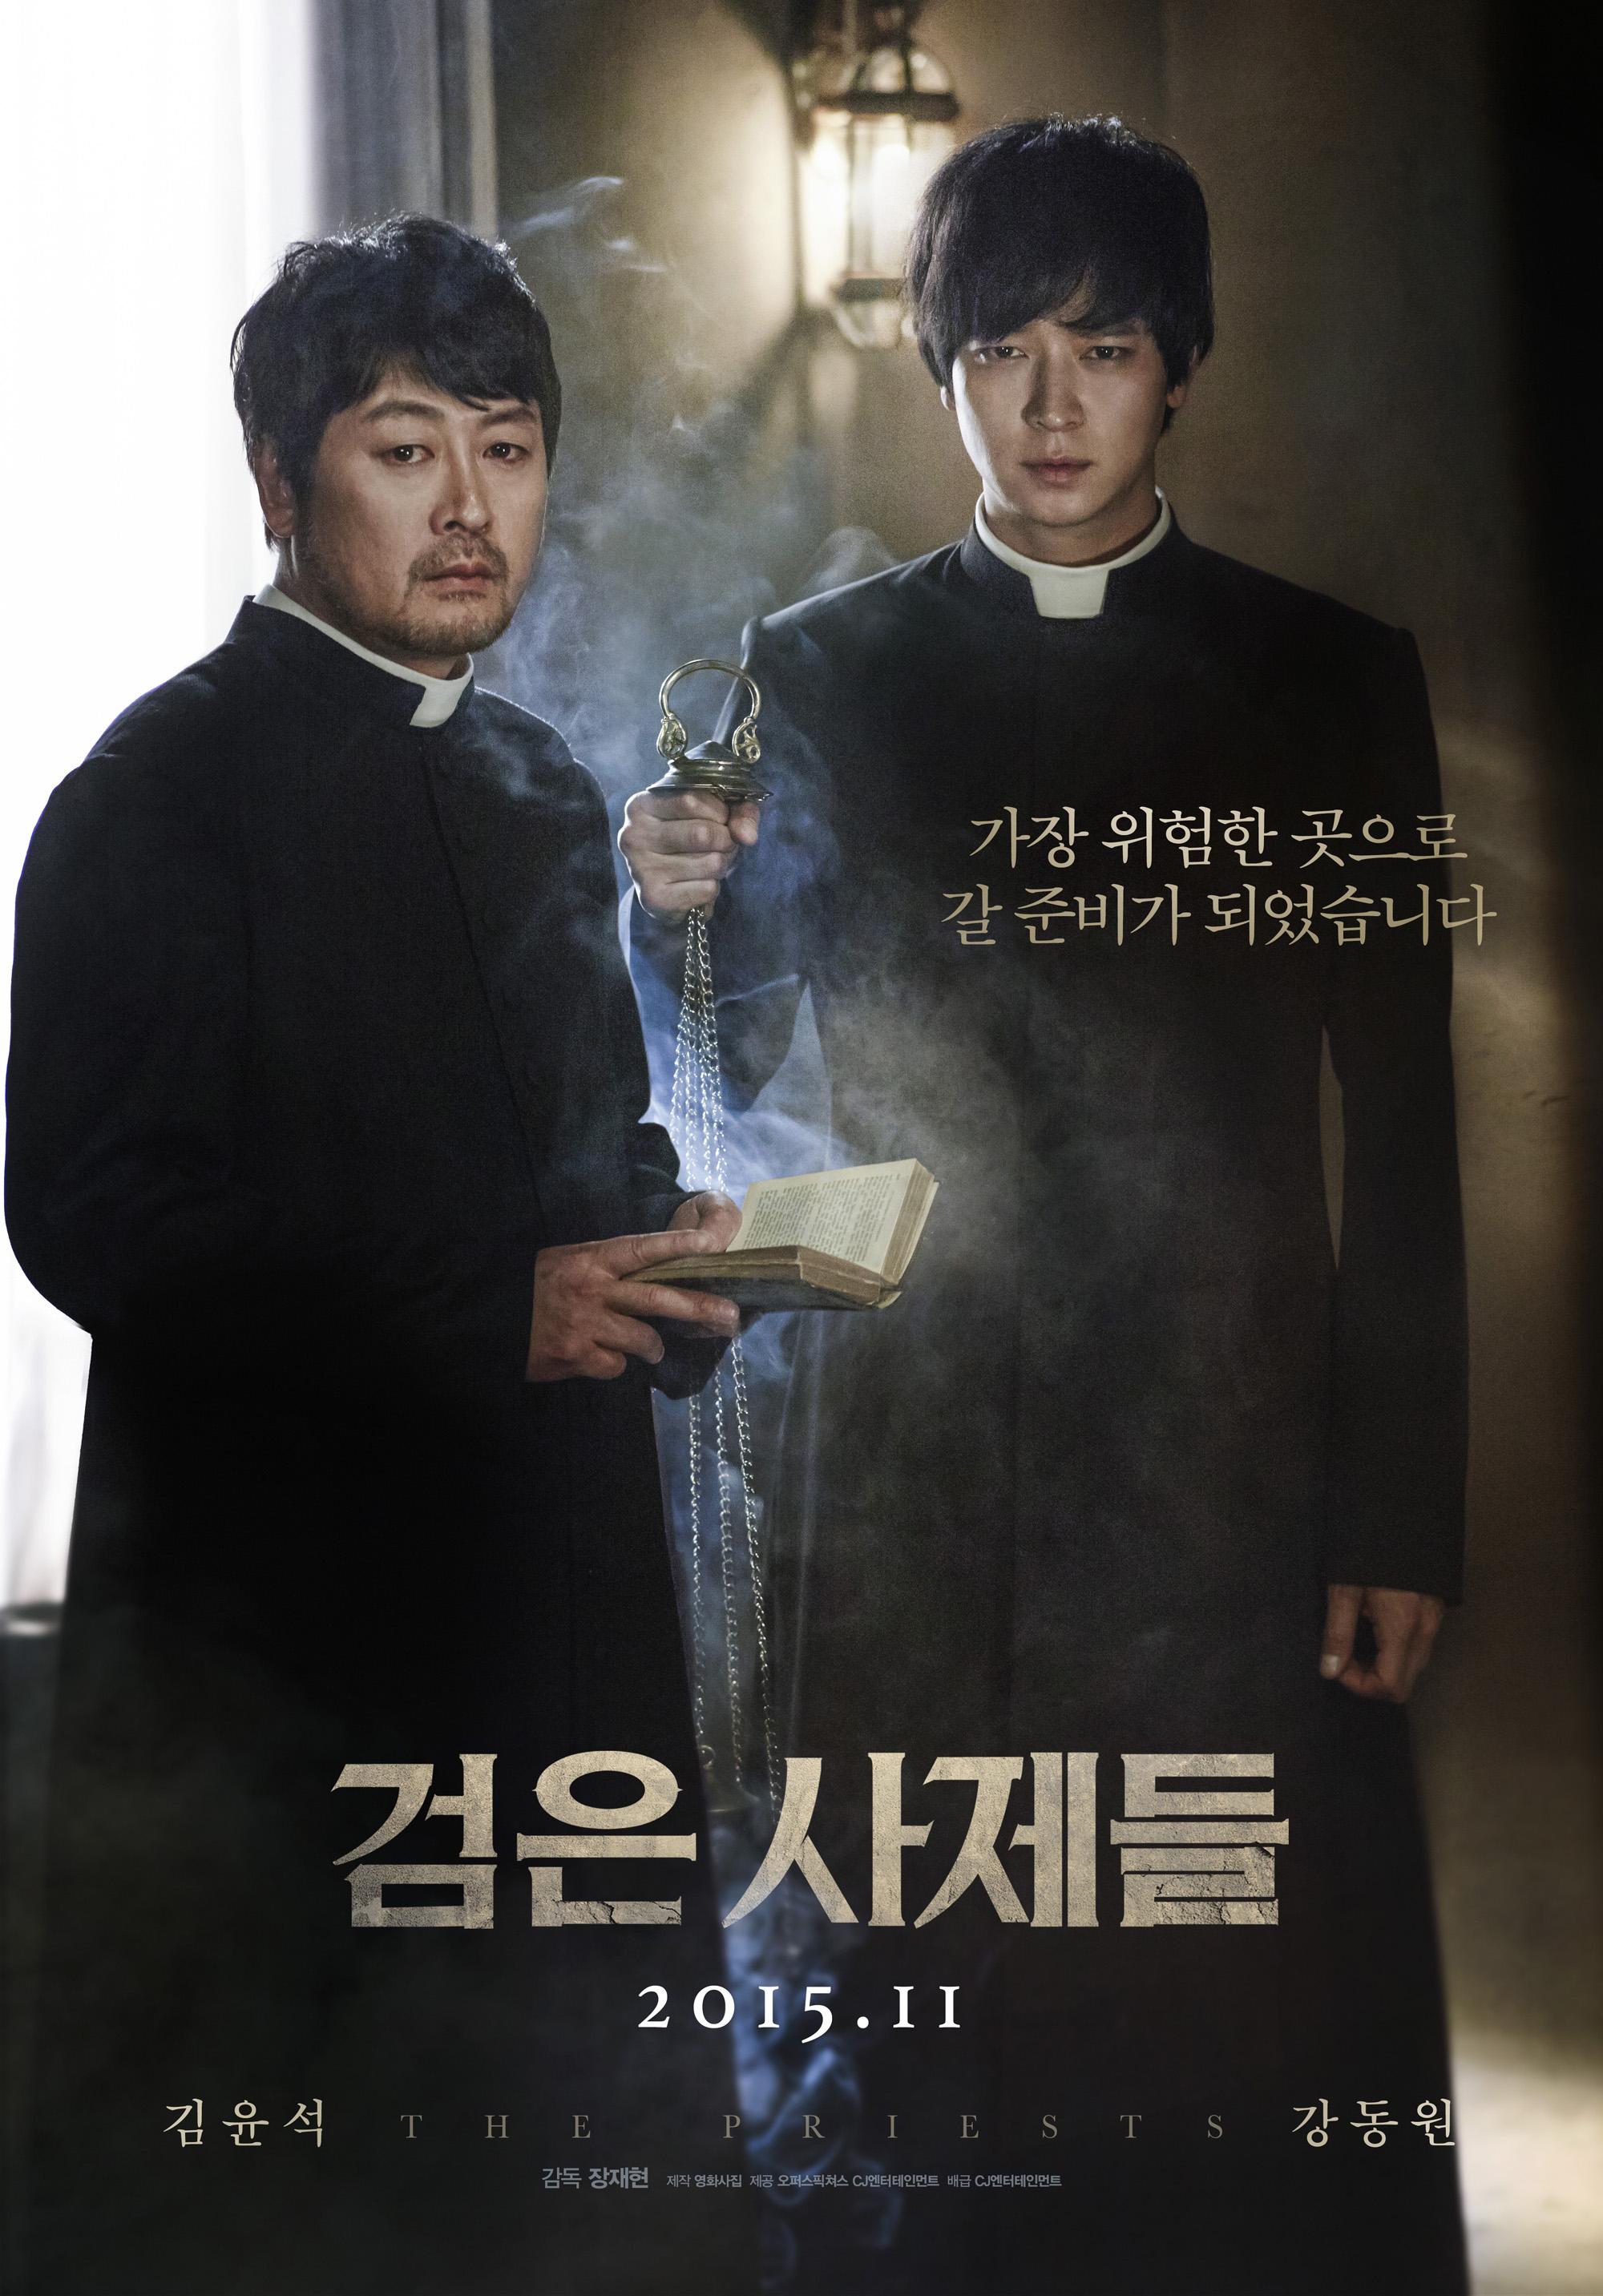 검은 사제들 - 관점에 관해 의외로 다양하게 다루는 영화